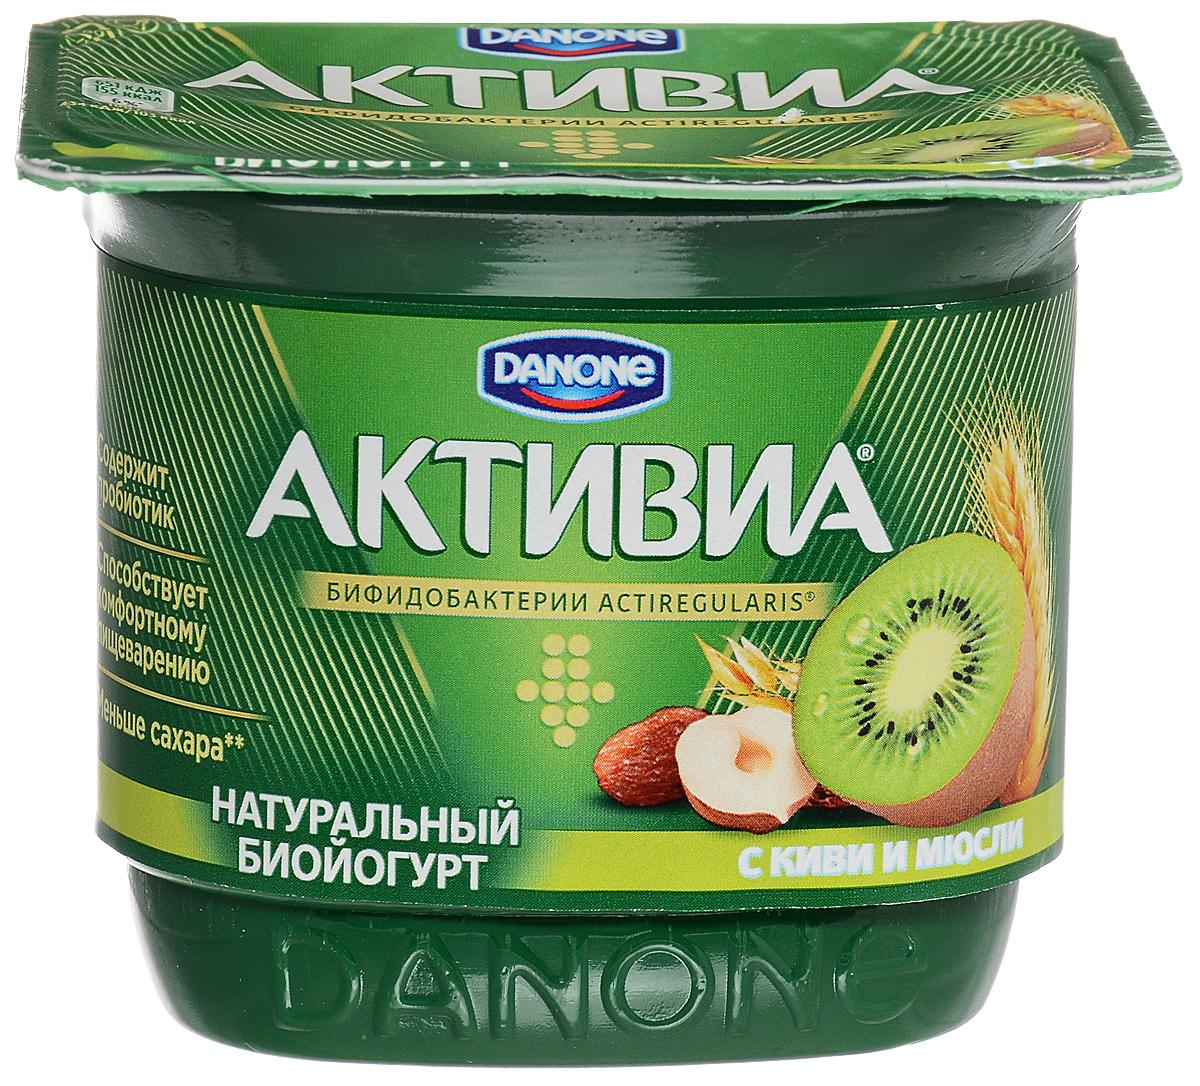 Активиа Биойогурт густой Киви-мюсли 3%, 150 г danone йогурт питьевой 2 5% 850 г